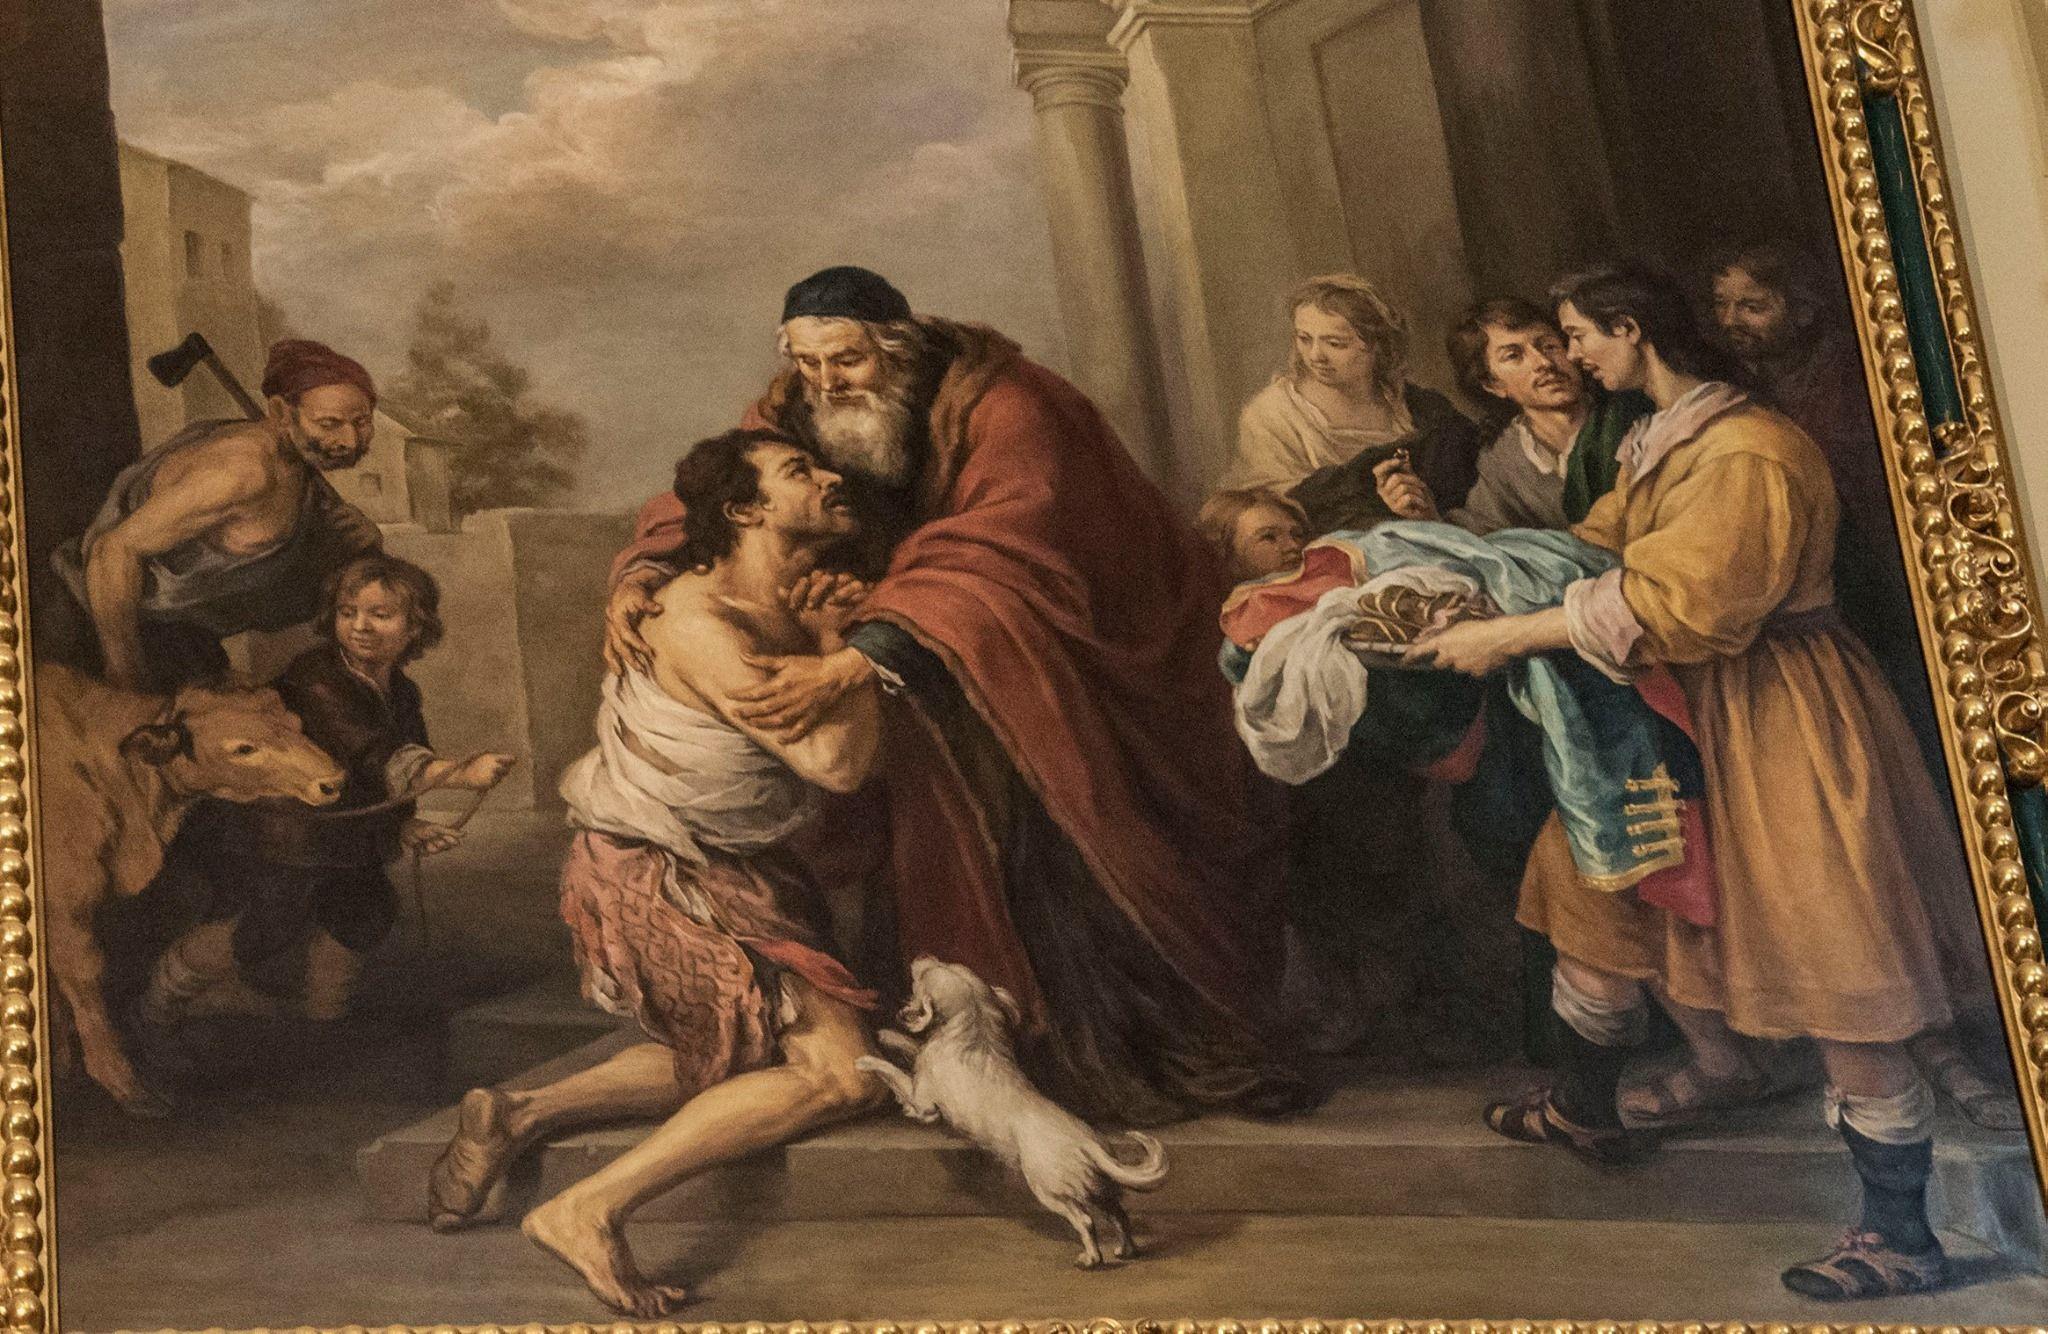 iglesia del hospital de la Caridad, Murillo. Curiosidades y leyendas de Sevilla, general Soult, tropas francesas, Bartolomé Esteban Murillo